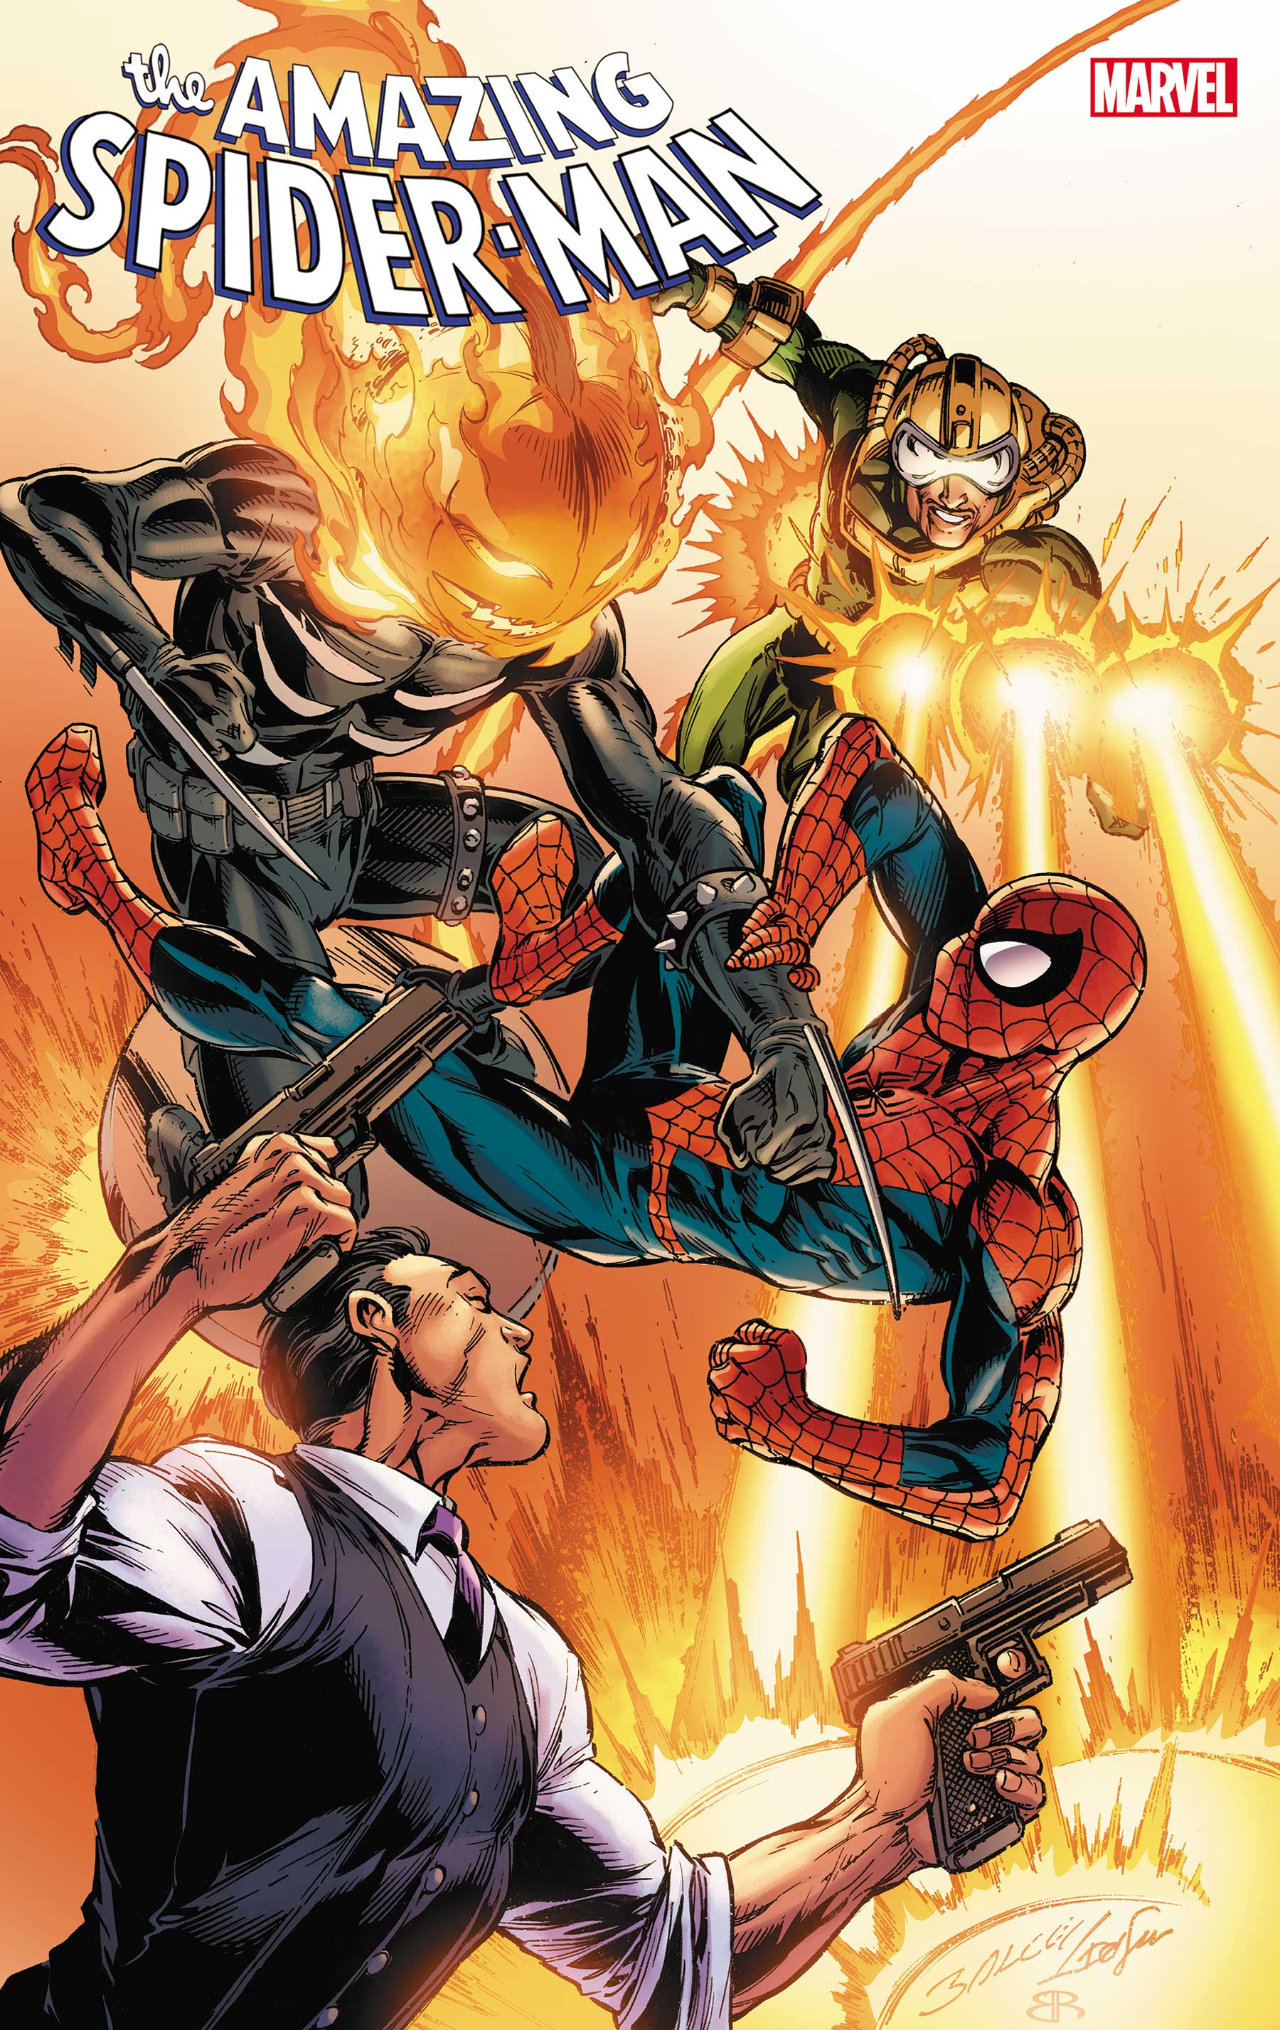 Amazing Spider-Man: La conspiración del camaleón